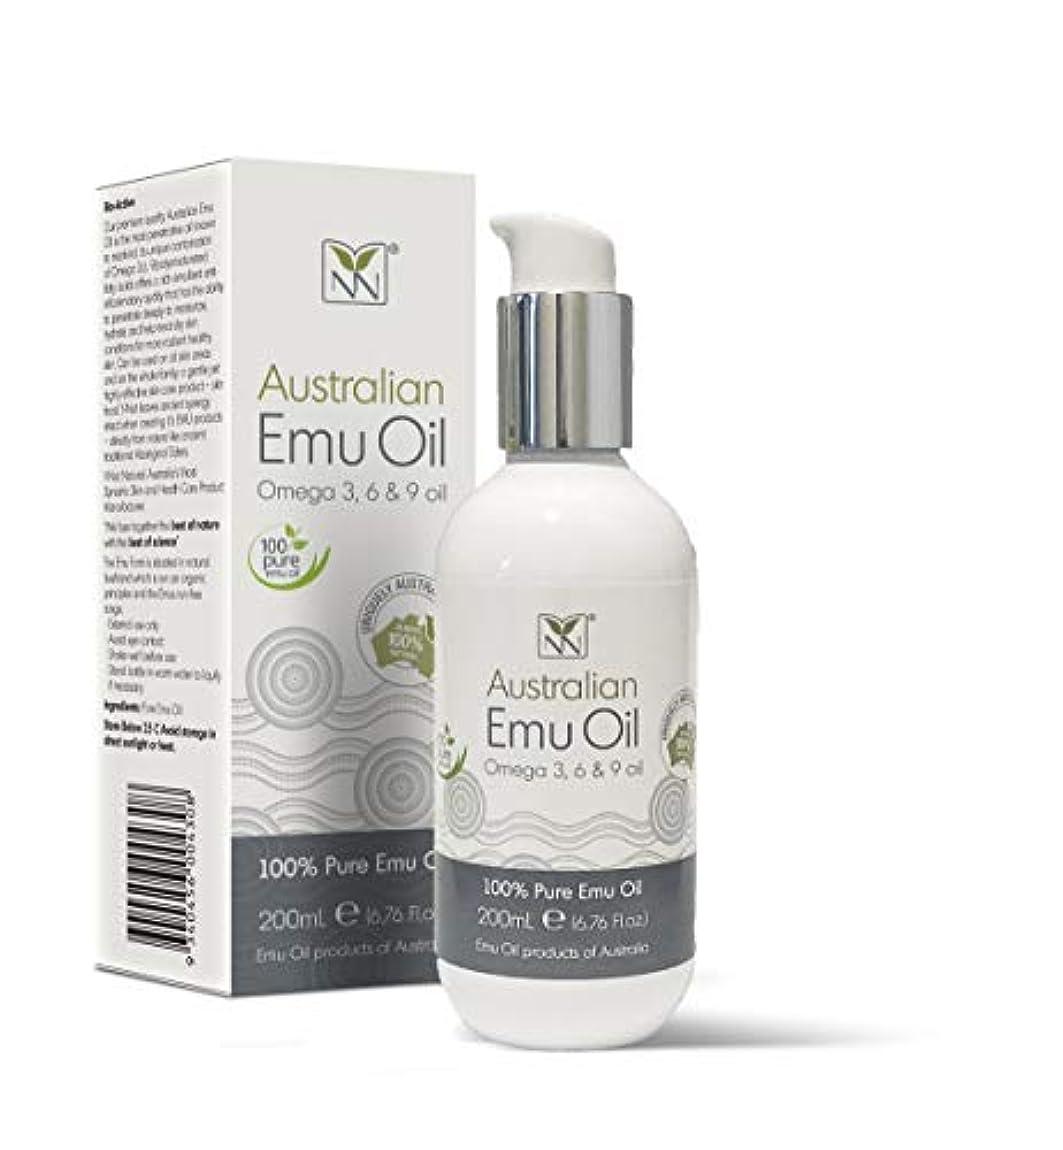 笑厳密にラリーベルモントY Not Natural エミューオイル EMU OIL 無添加100% 保湿性 浸透性 抜群 プレミアム品質 エミュー油 (200 ml)